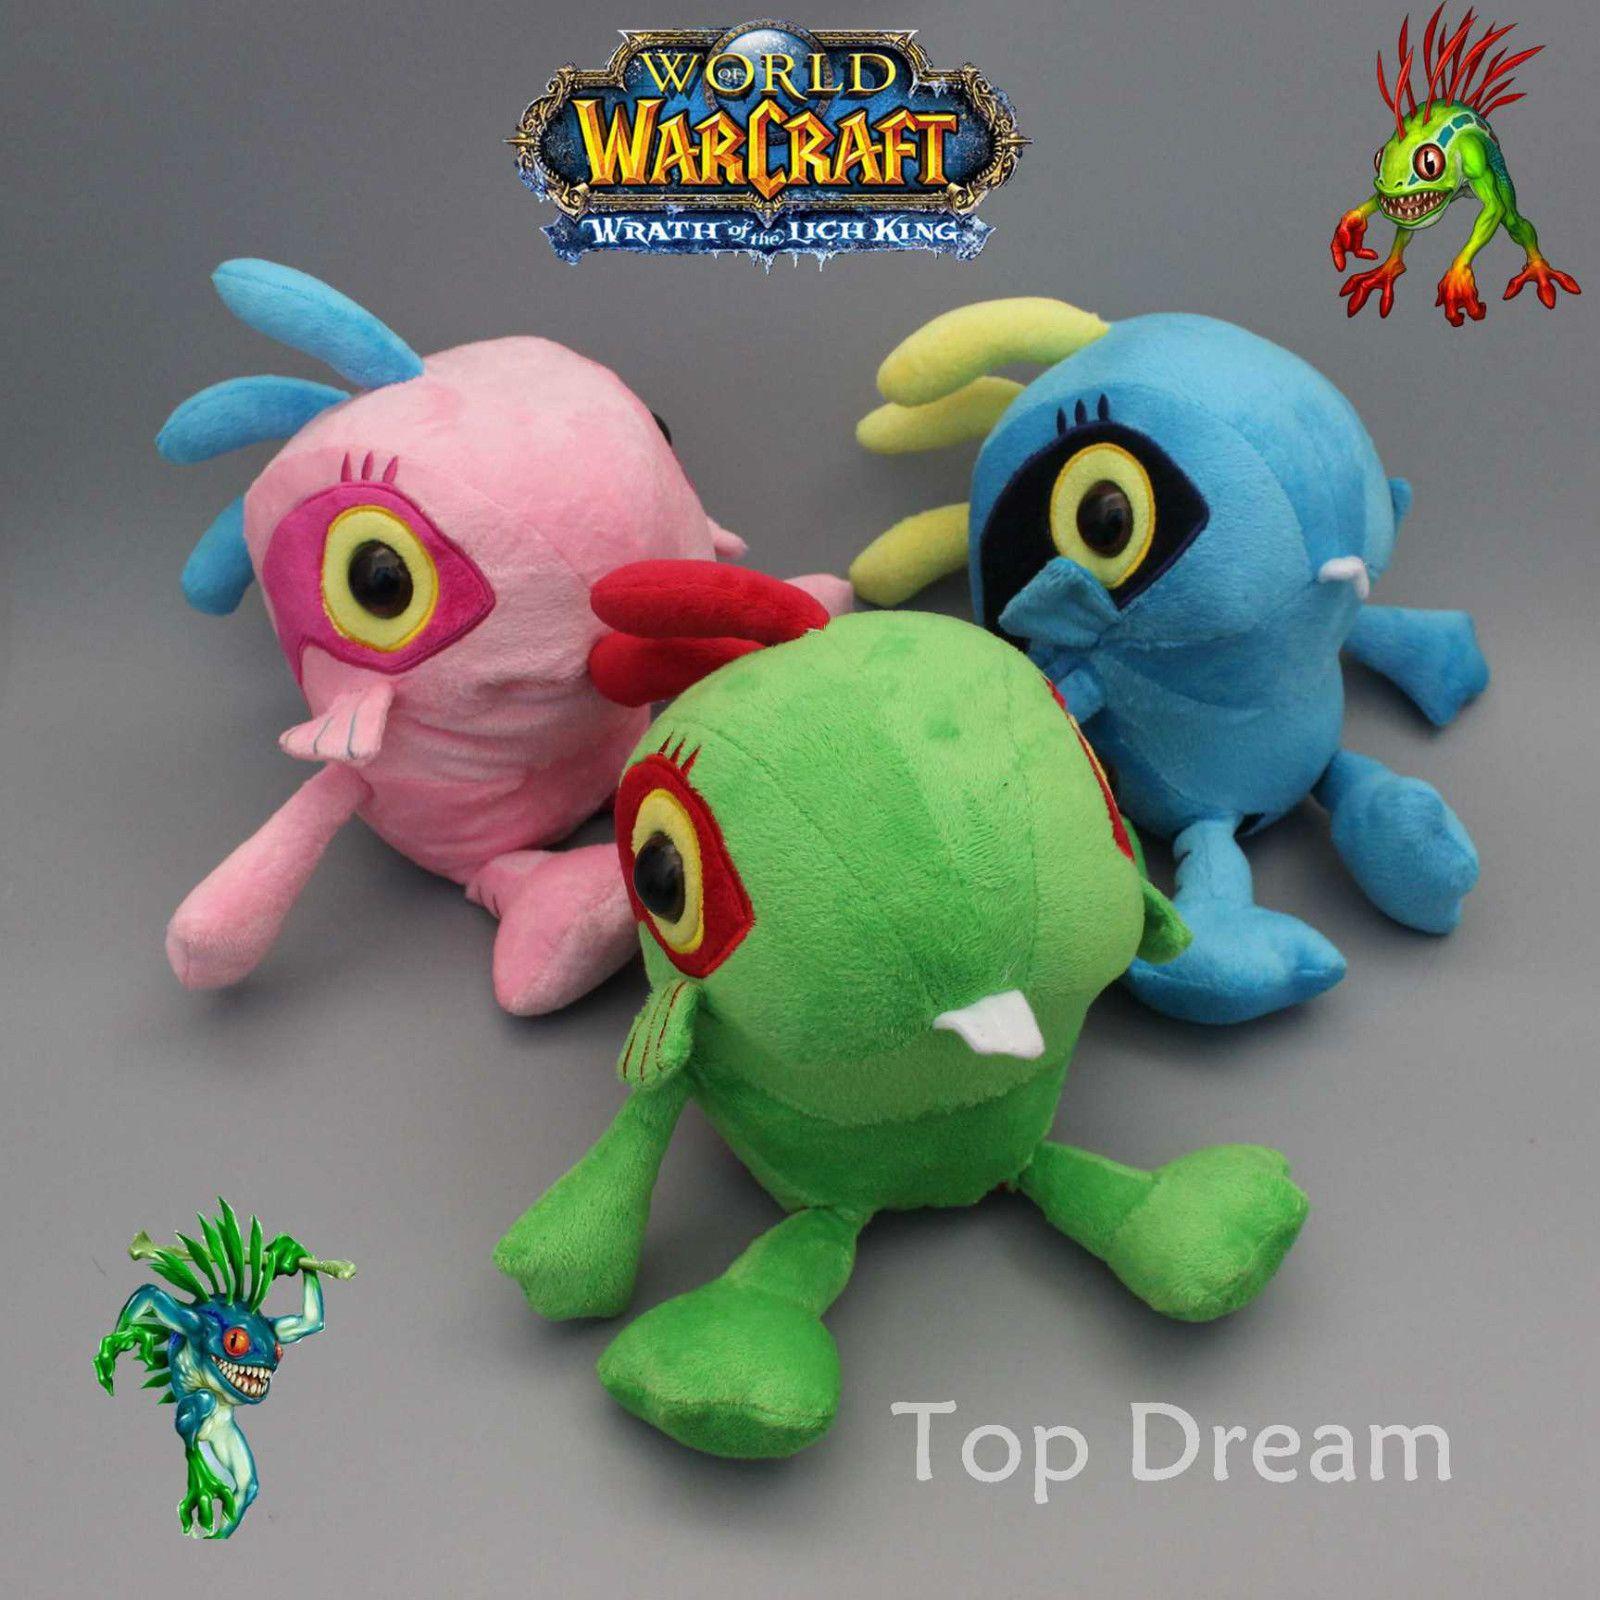 WOW World of Warcraft Murloc Soft Doll Stuffed Plush Toy Kids Dolls funny